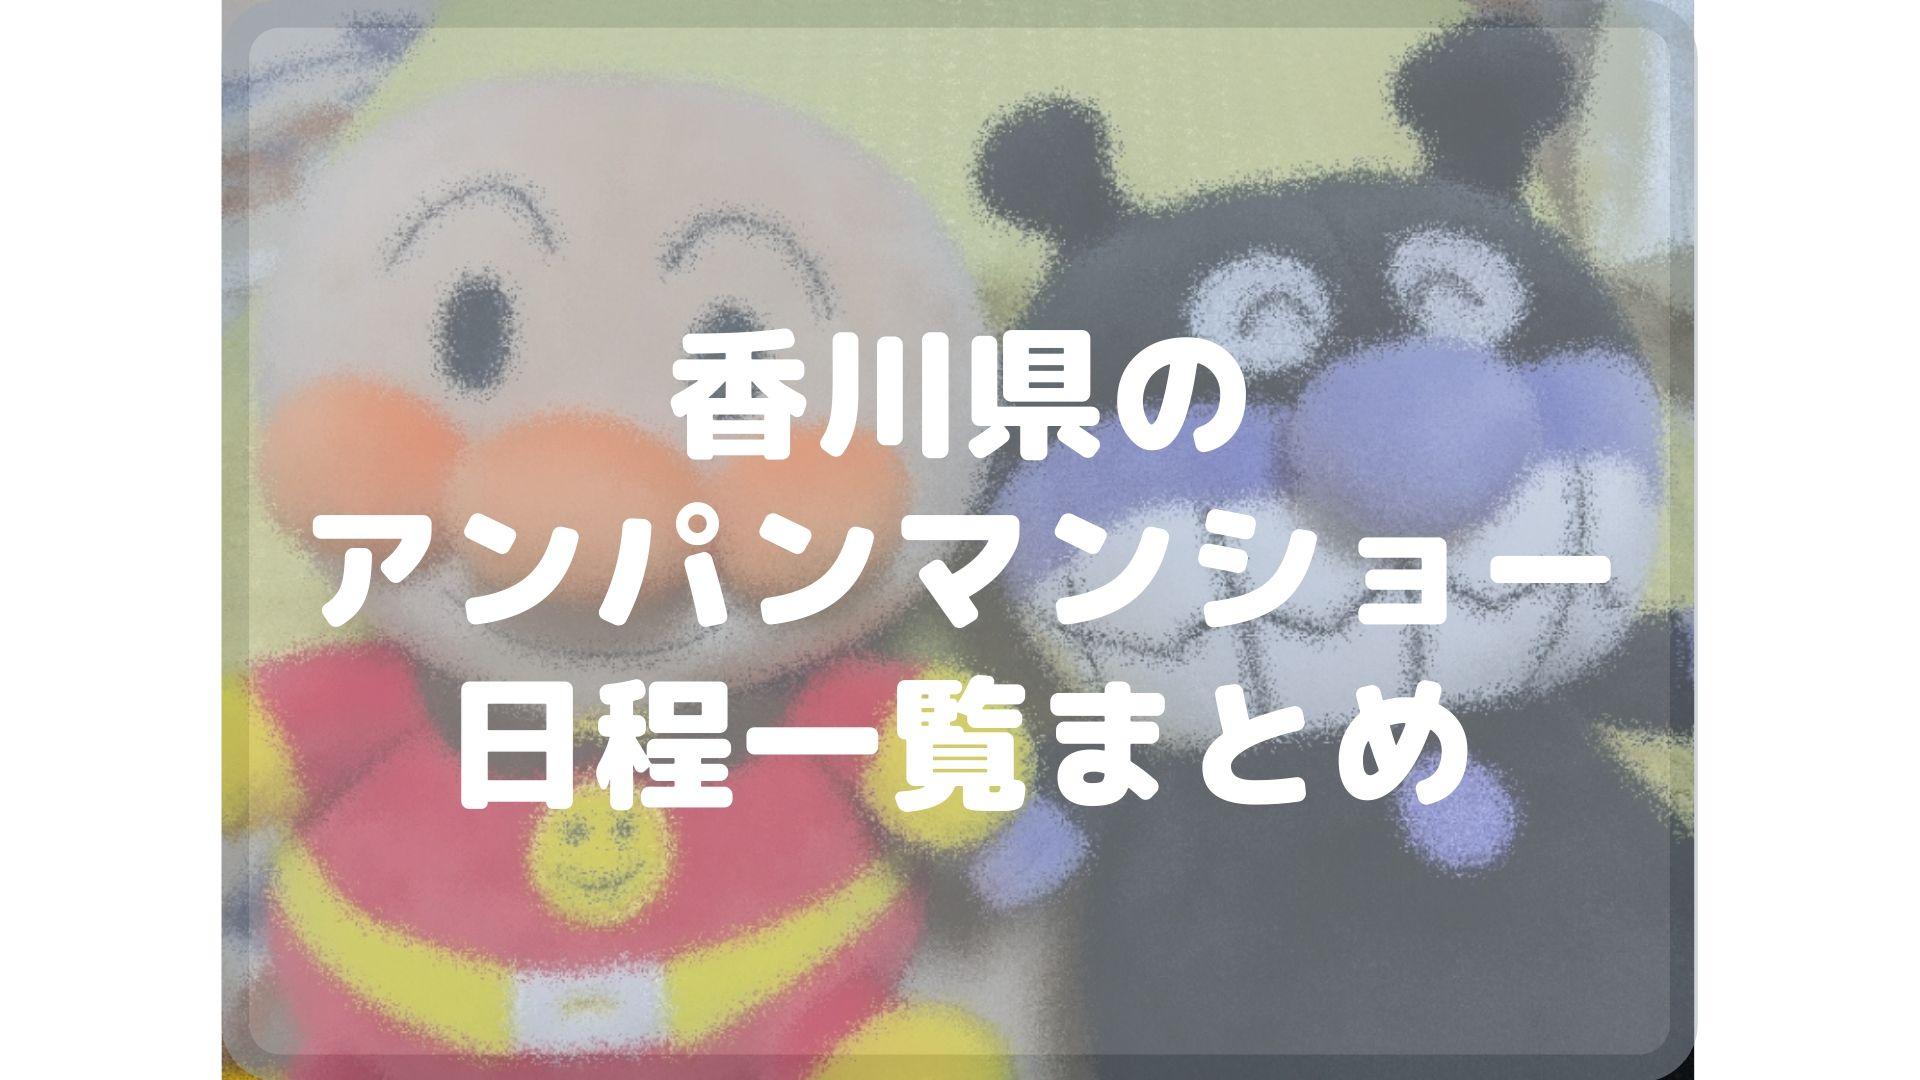 香川県のアンパンマンショーまとめタイトル画像